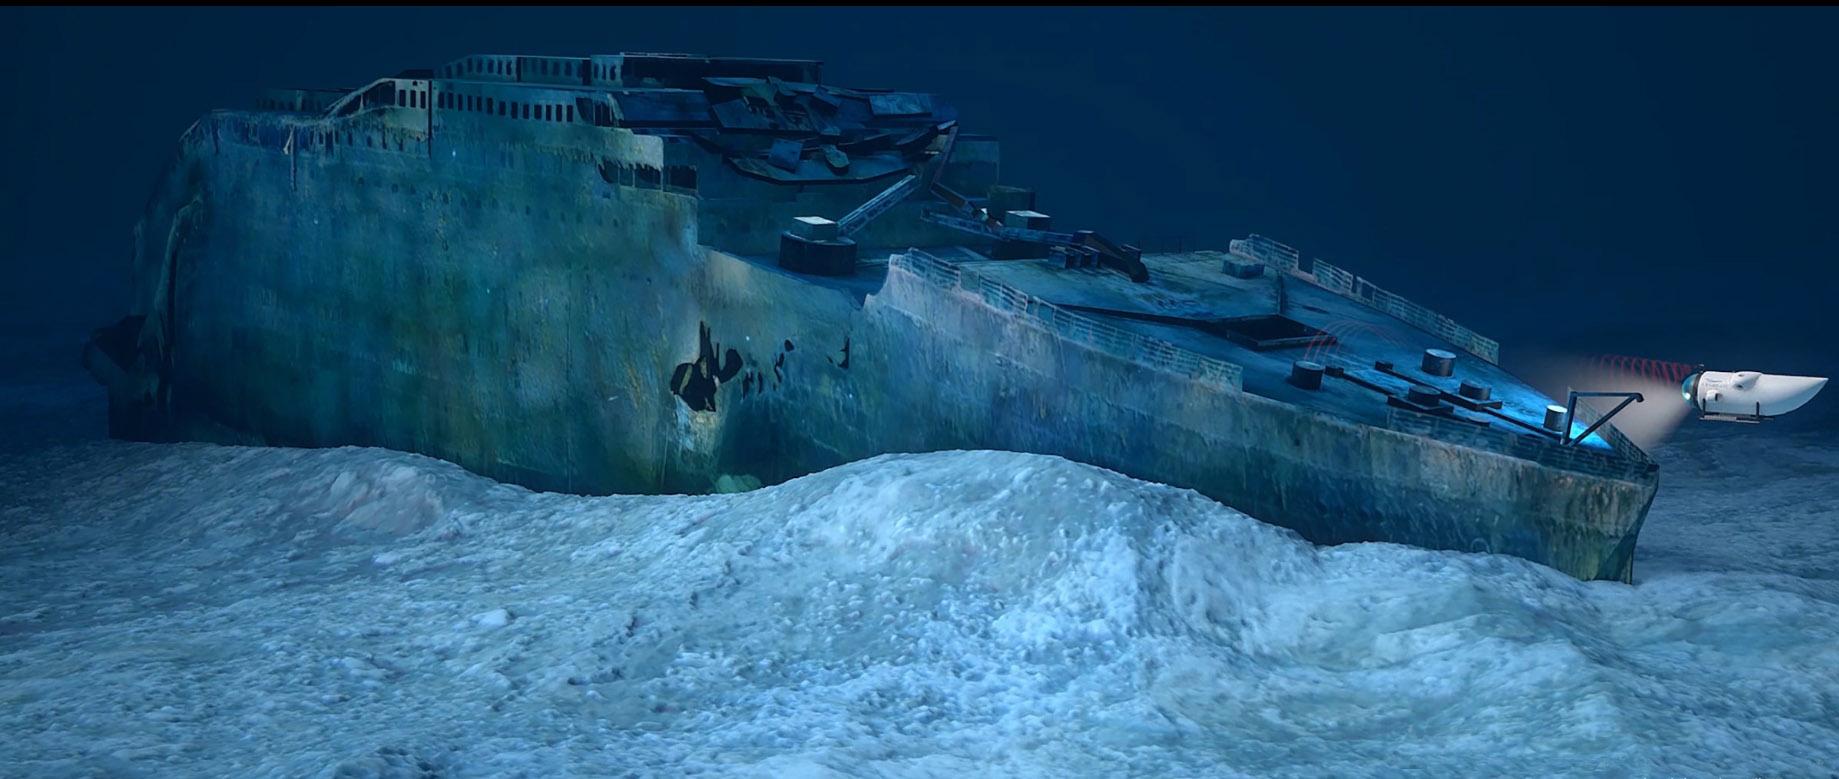 Una travesía a las profundidades del Titanic